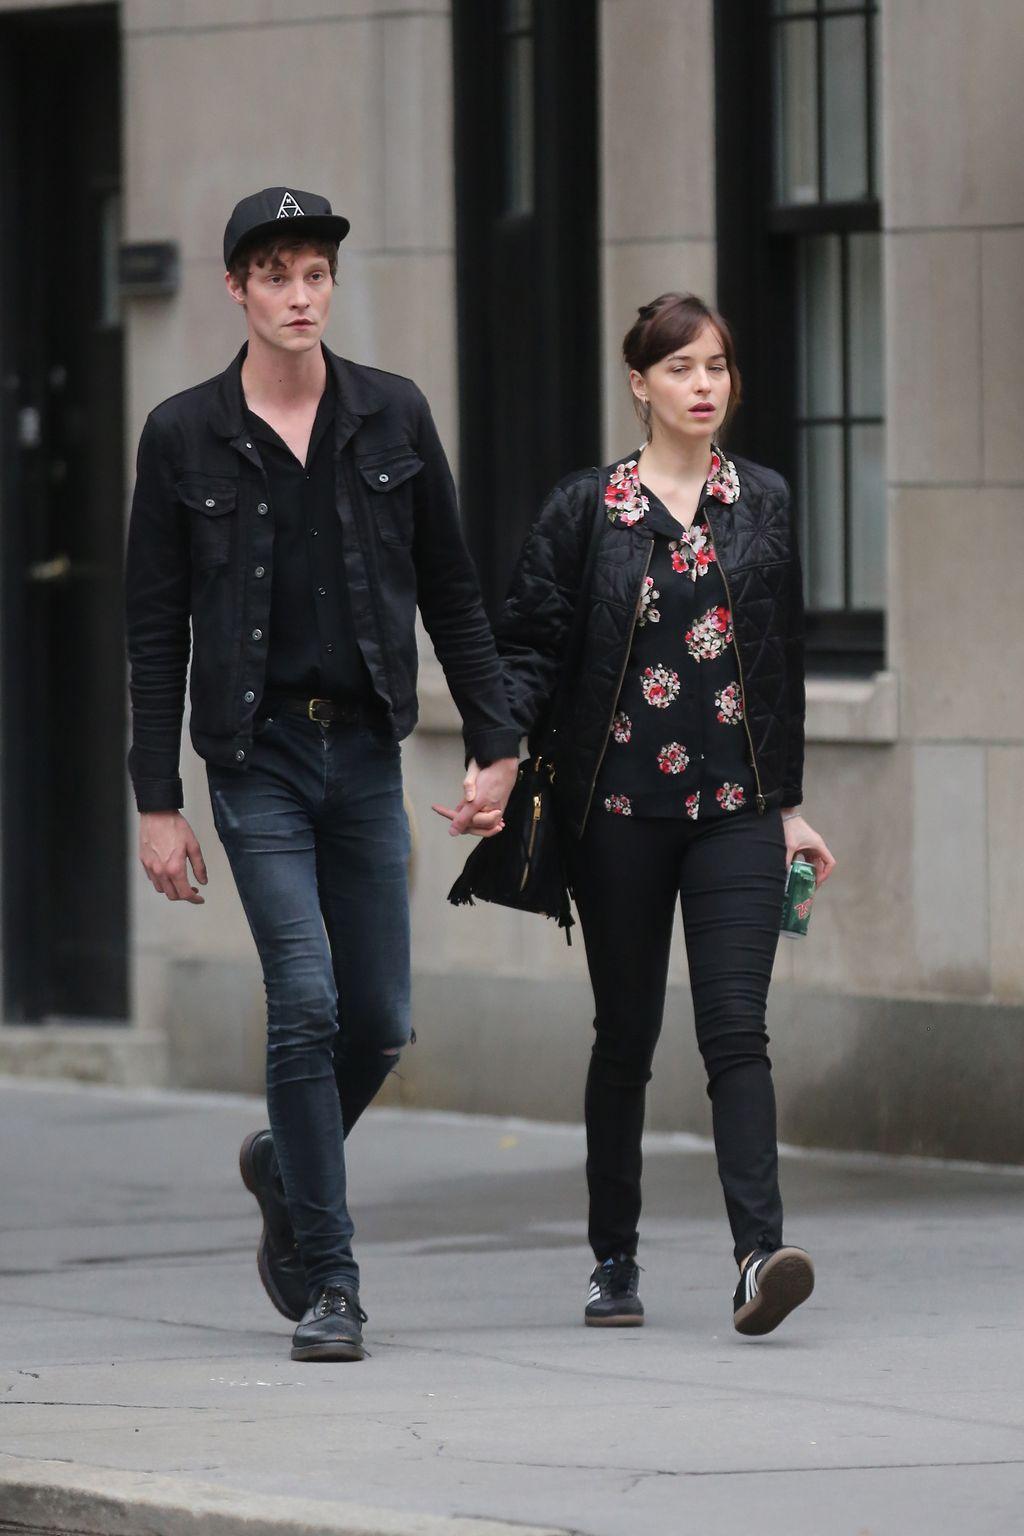 And her boyfriend